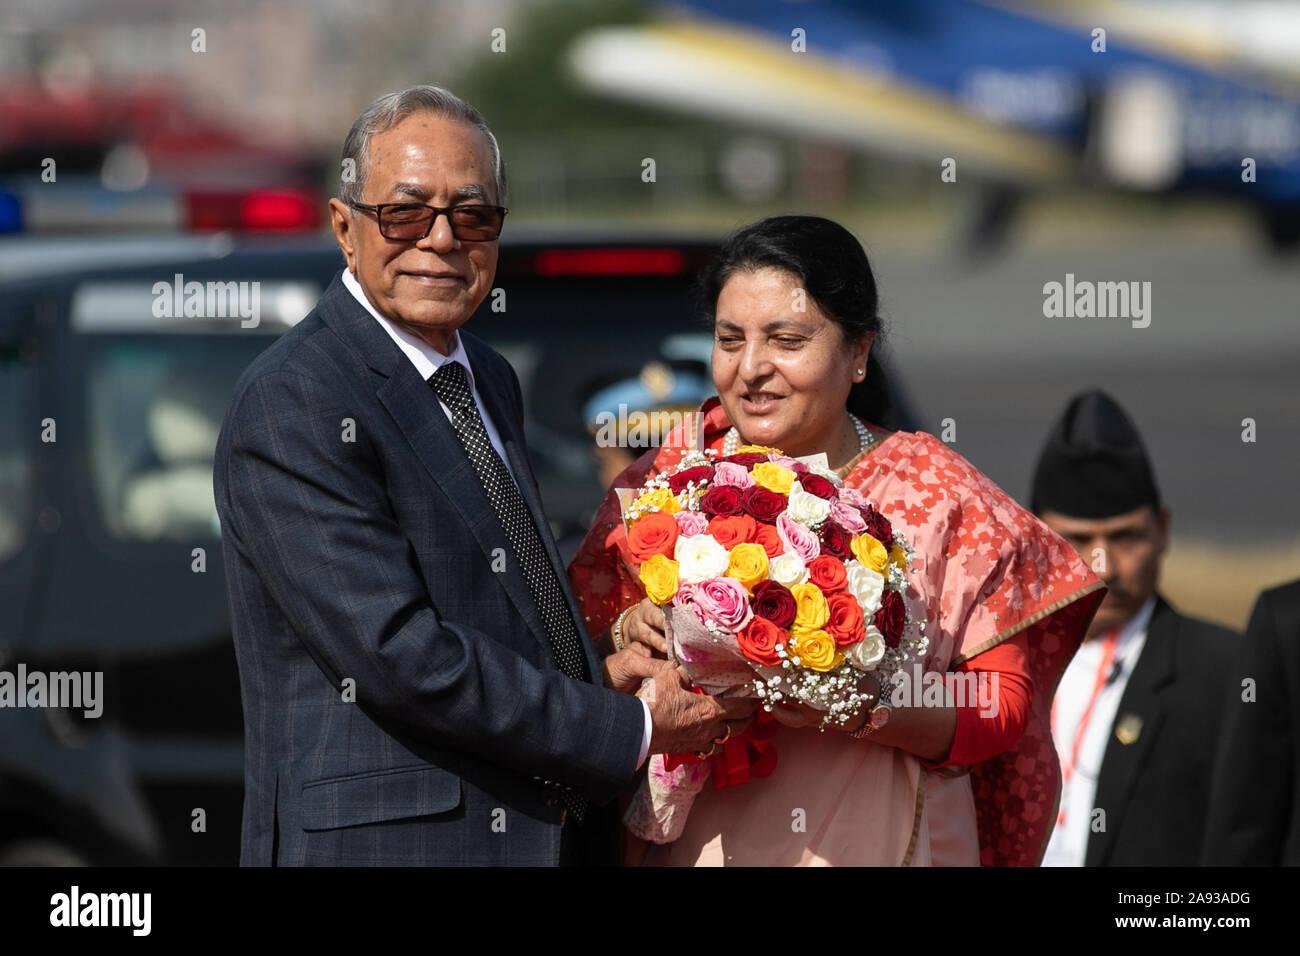 Katmandou, Népal. 12 Nov, 2019. Le président du Bangladesh Abdul Hamid (R) reçoit un bouquet de fleurs du Népal Président Bidhya Devi Bhandari (L) lors de son arrivée à l'aéroport international de Tribhuvan à Katmandou, Népal, 21 novembre 2019. (Photo de Prabin Ranabhat/Pacific Press) Credit: Pacific Press Agency/Alamy Live News Banque D'Images